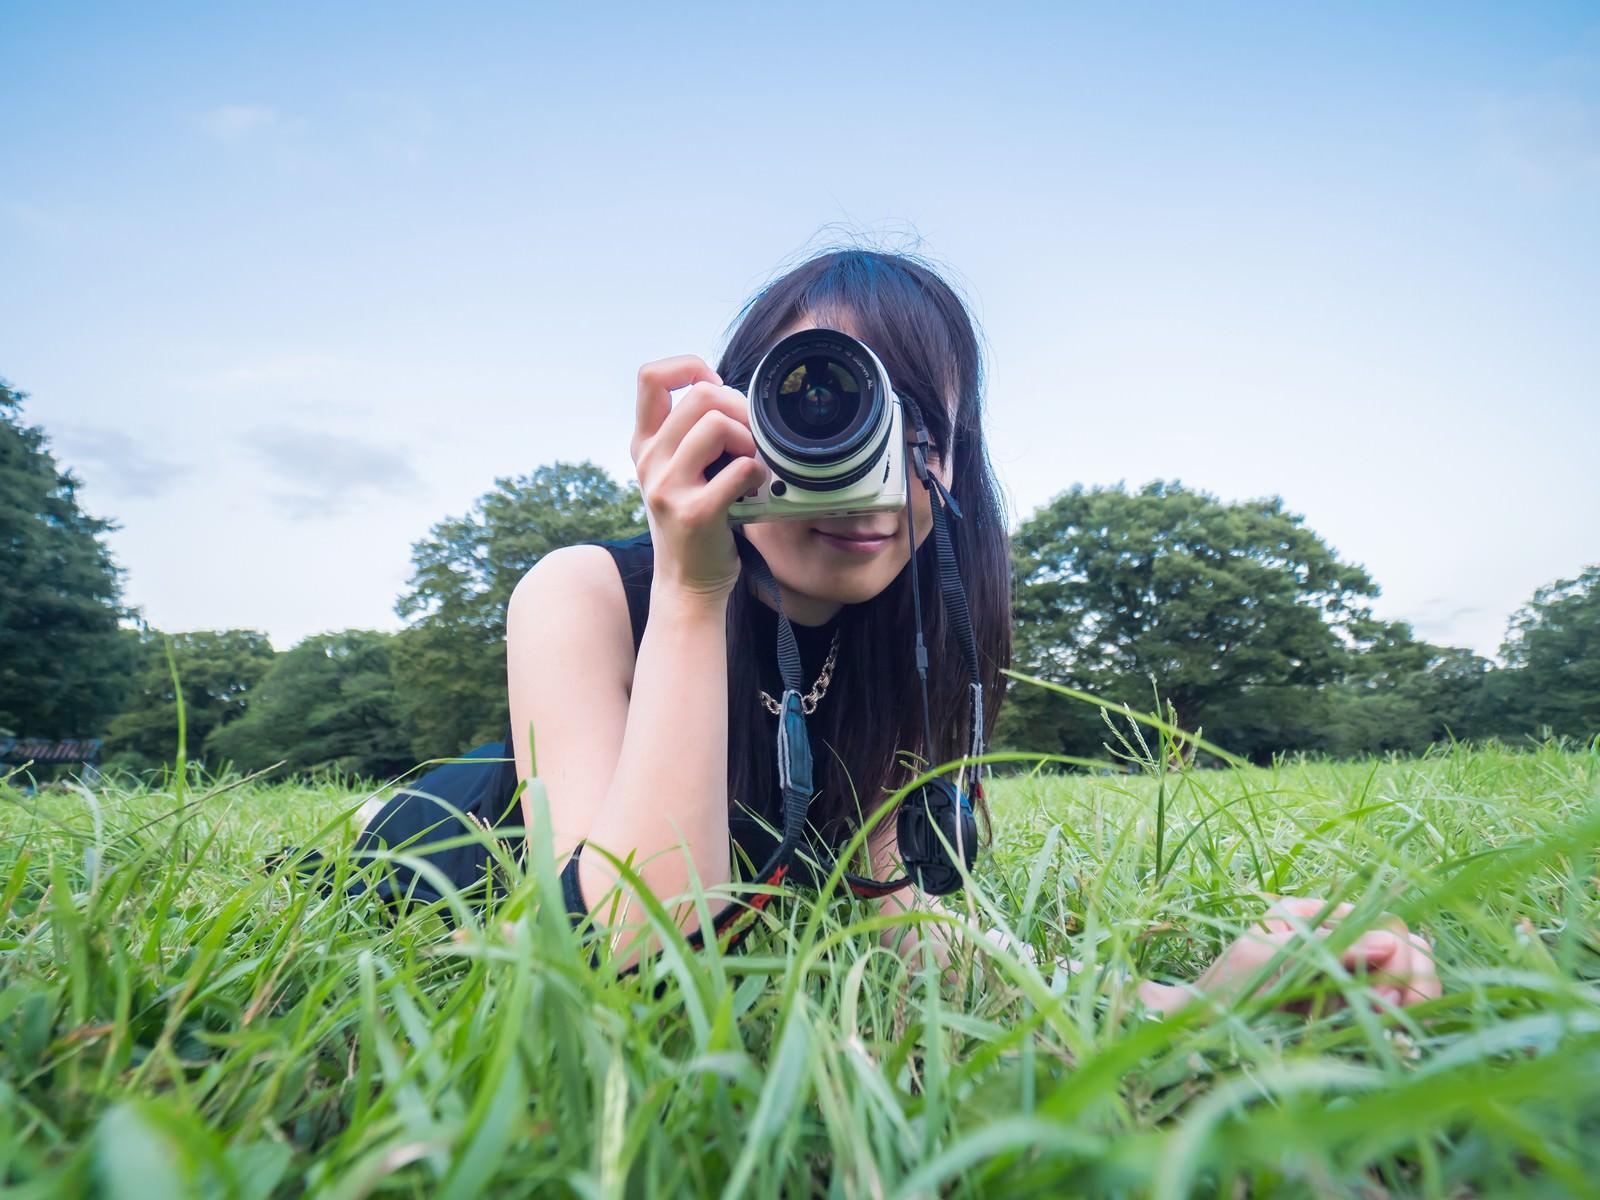 「ローアングルから狙う女子カメローアングルから狙う女子カメ」[モデル:たけべともこ]のフリー写真素材を拡大